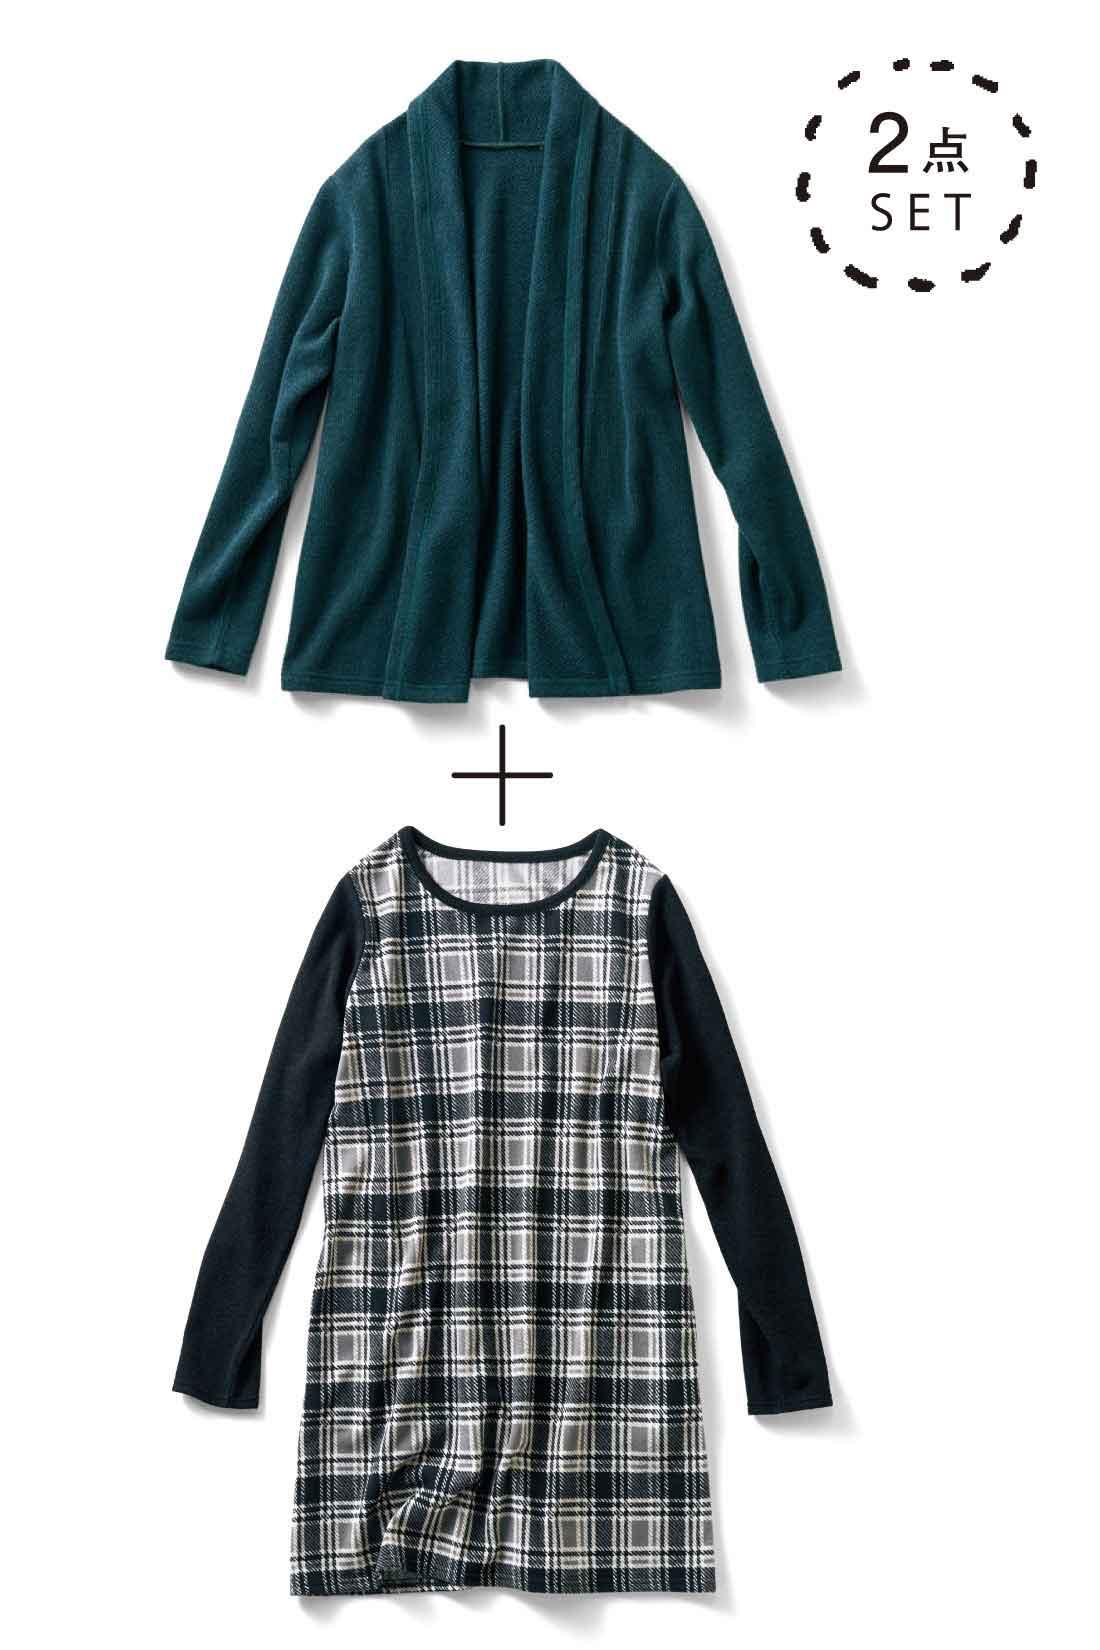 衿もとから前立てにかけて出るドレープのボリュームで、すっきりIライン。 衿ぐりと袖は濃色の切り替えでスタイルアップ。